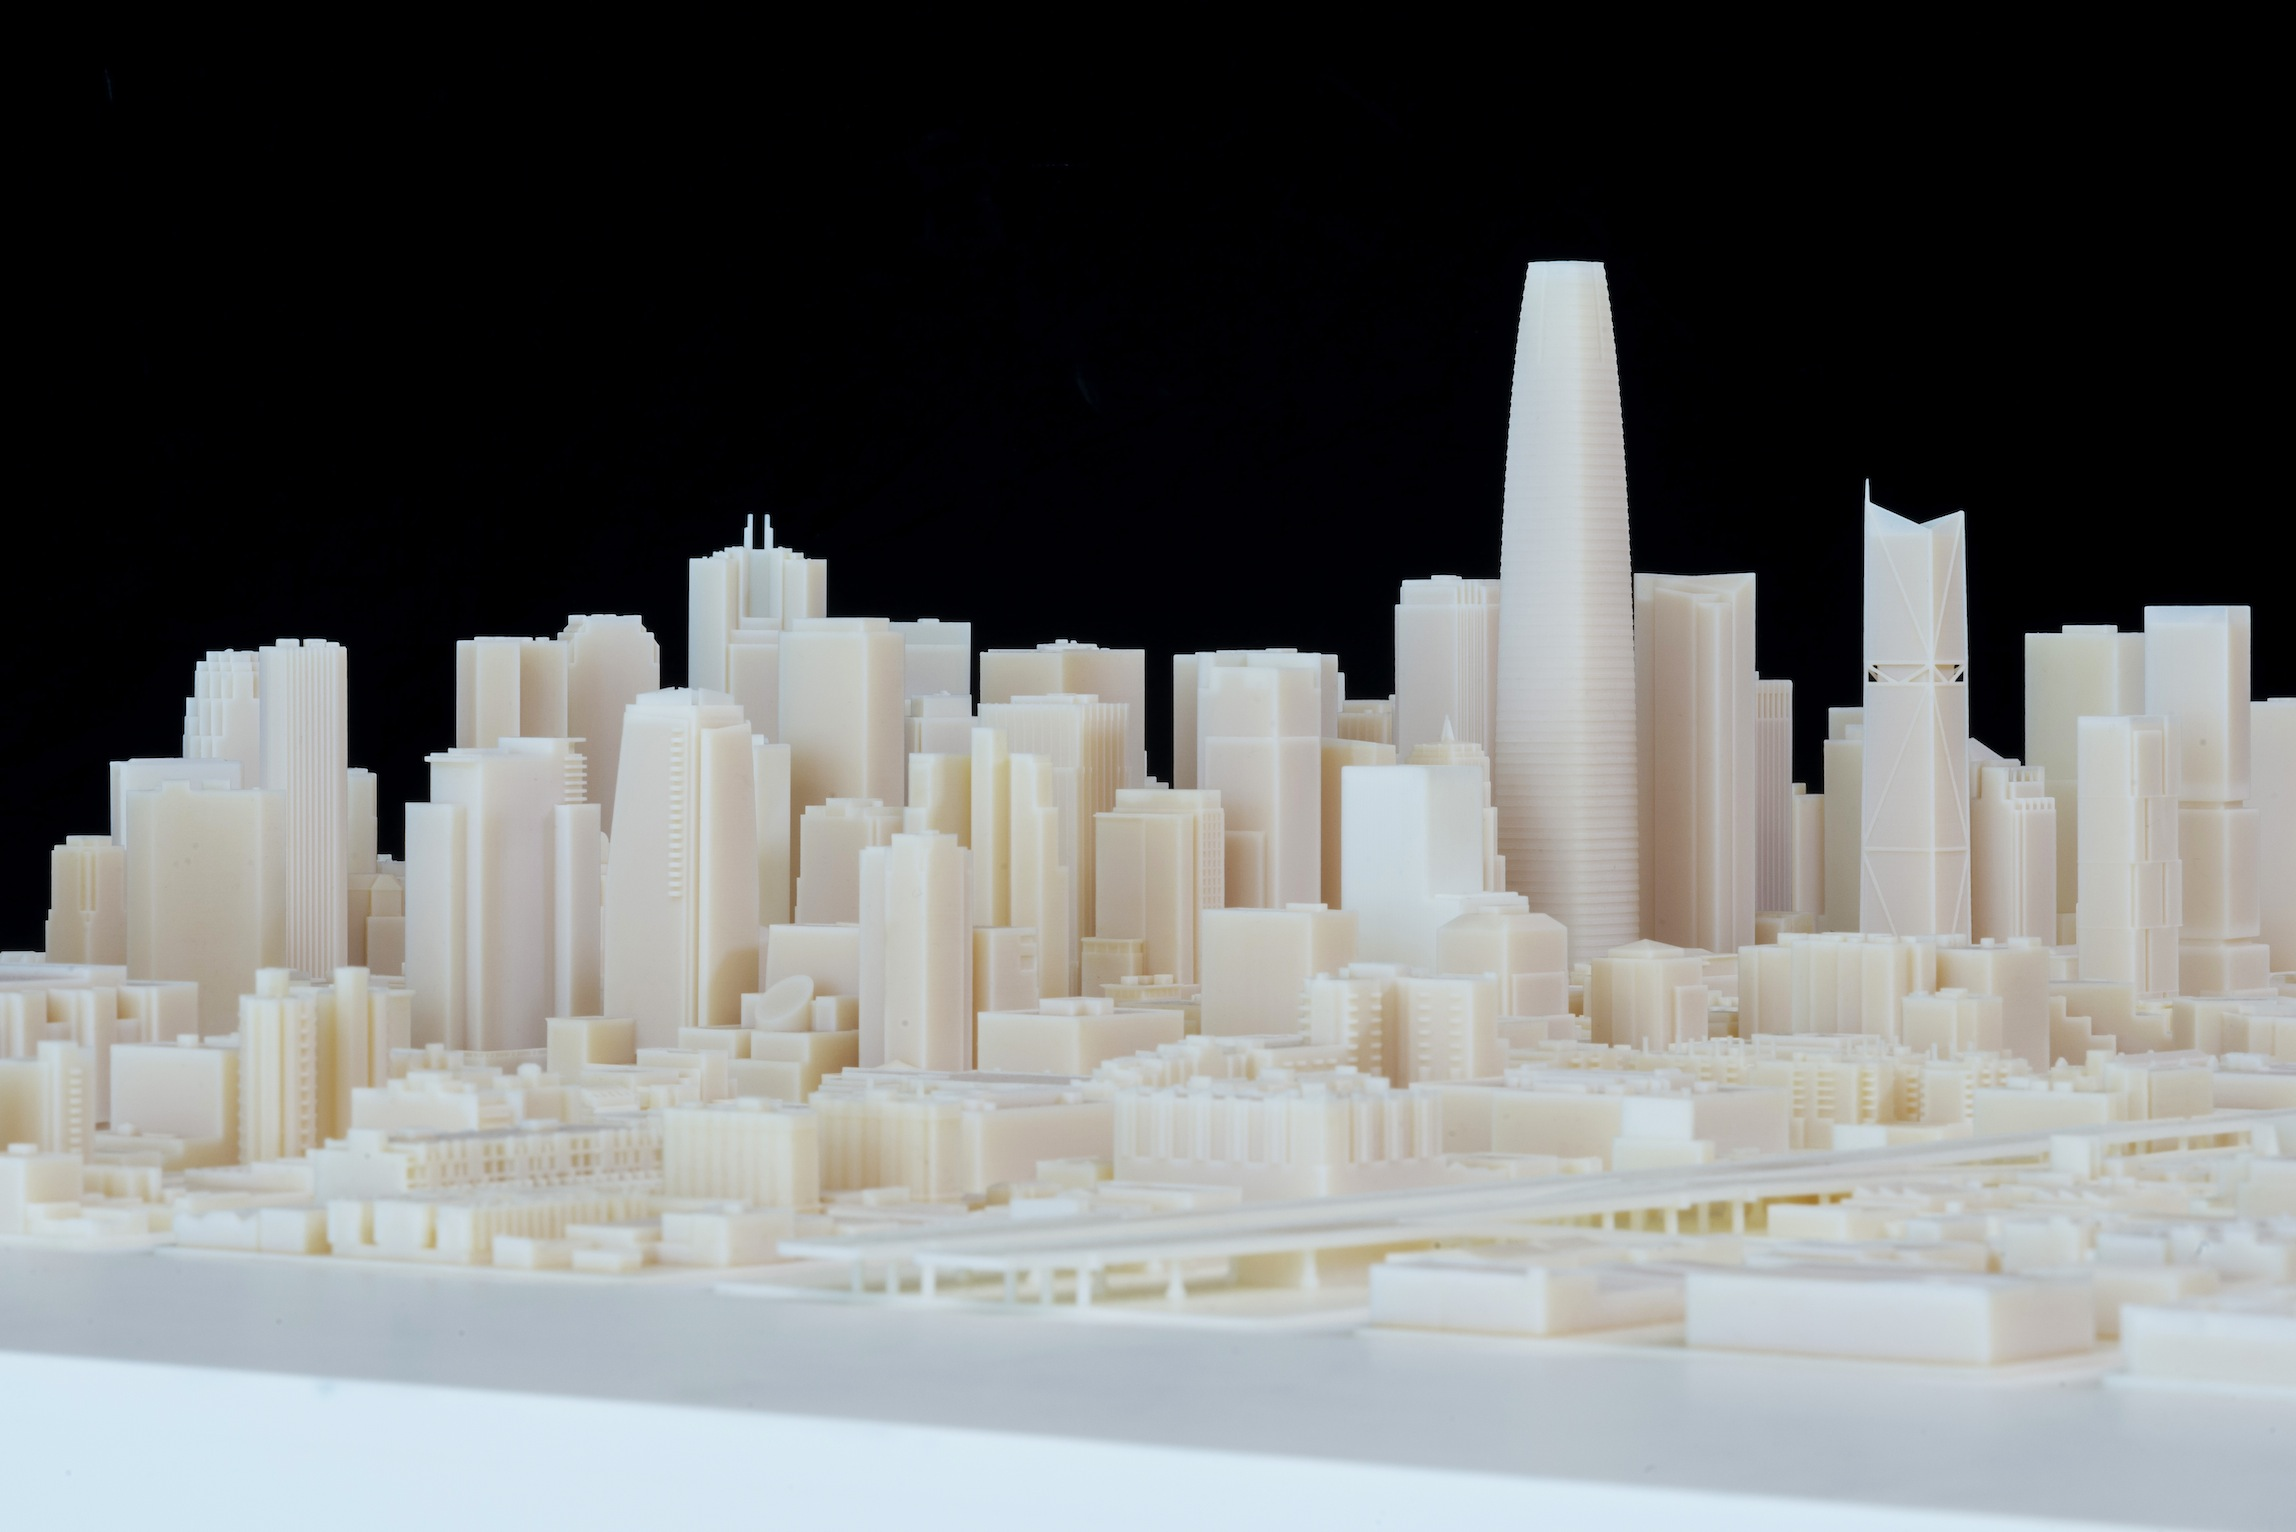 پرینت سه بعدی ماکت های معماری به ازای هر ساعت پرینت 6 هزار تومان